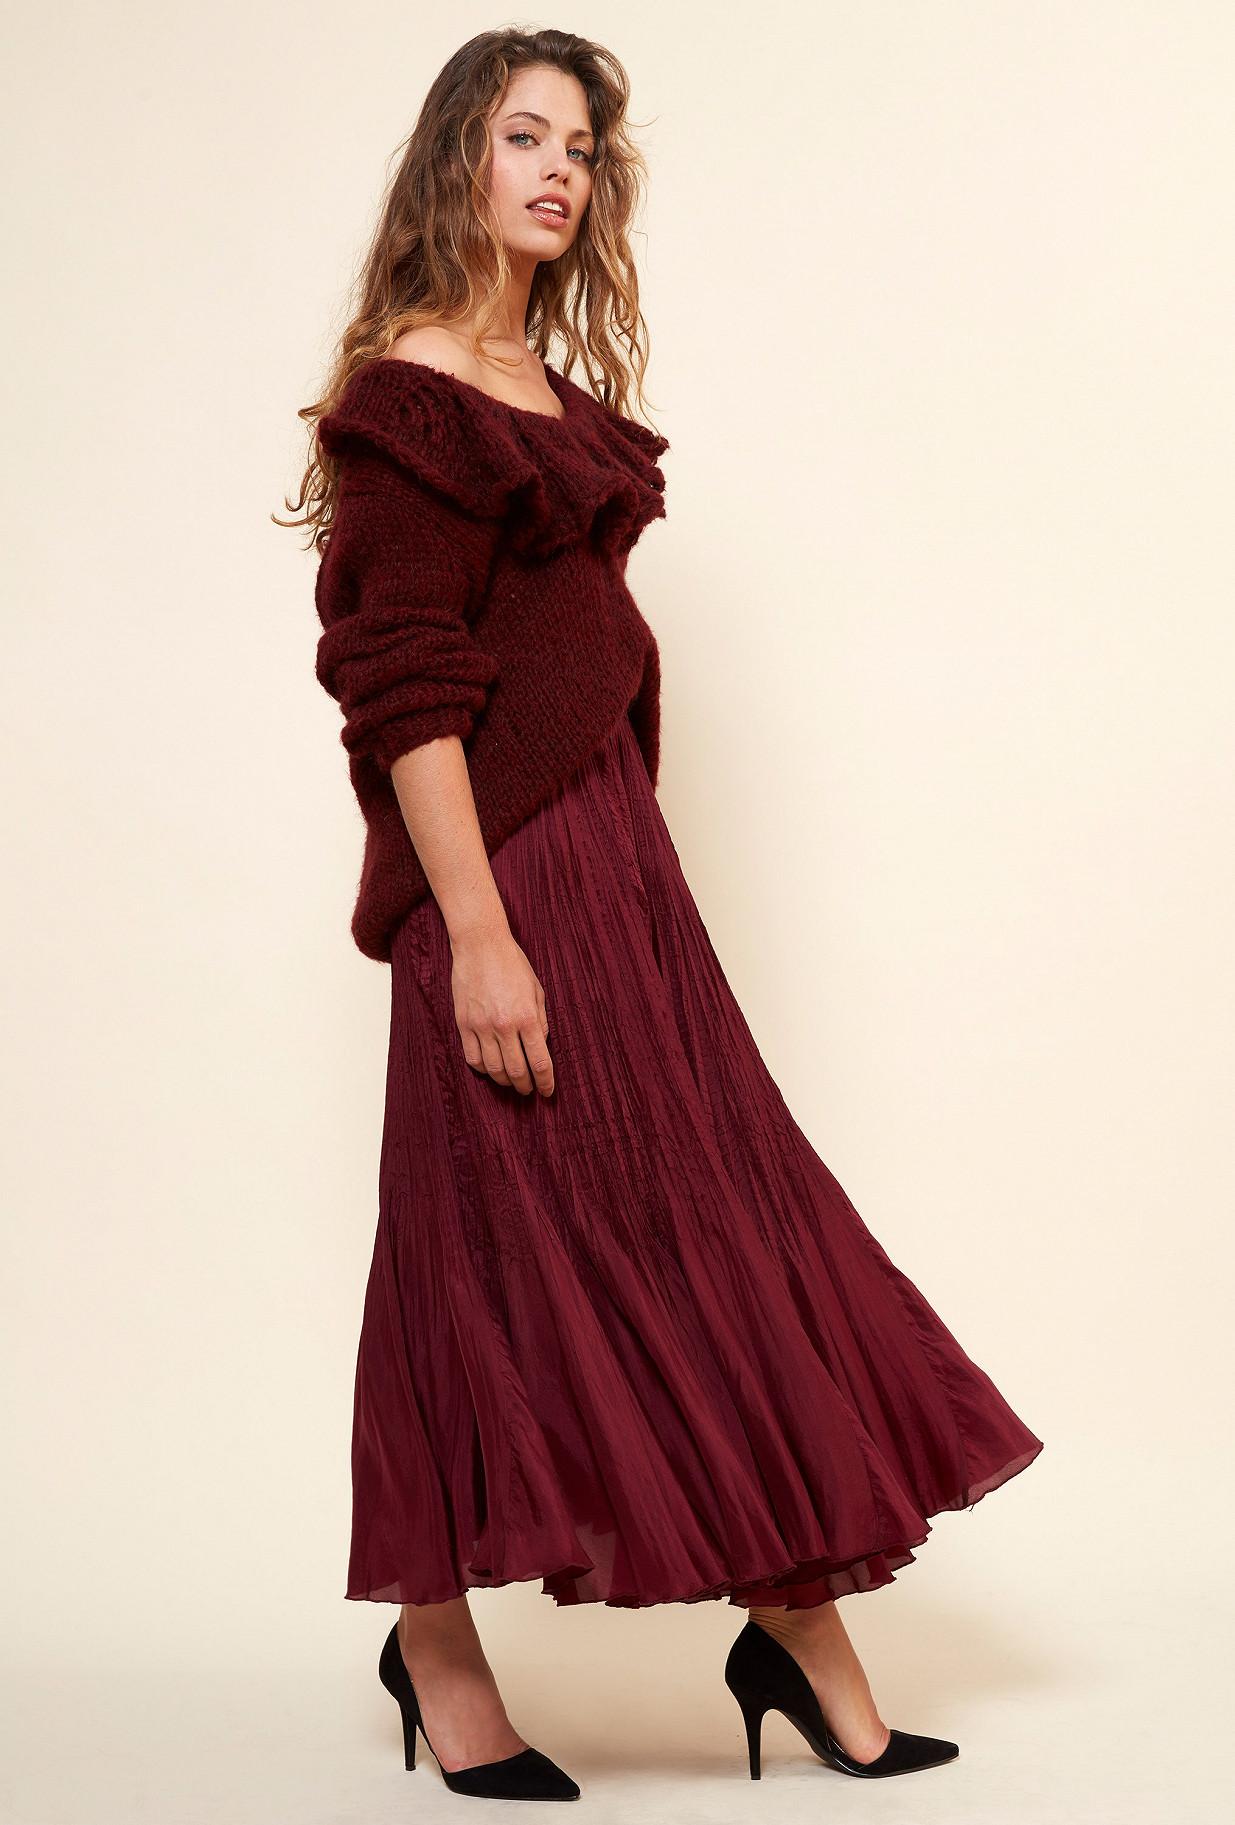 Red Knit Frisco Mes Demoiselles Paris